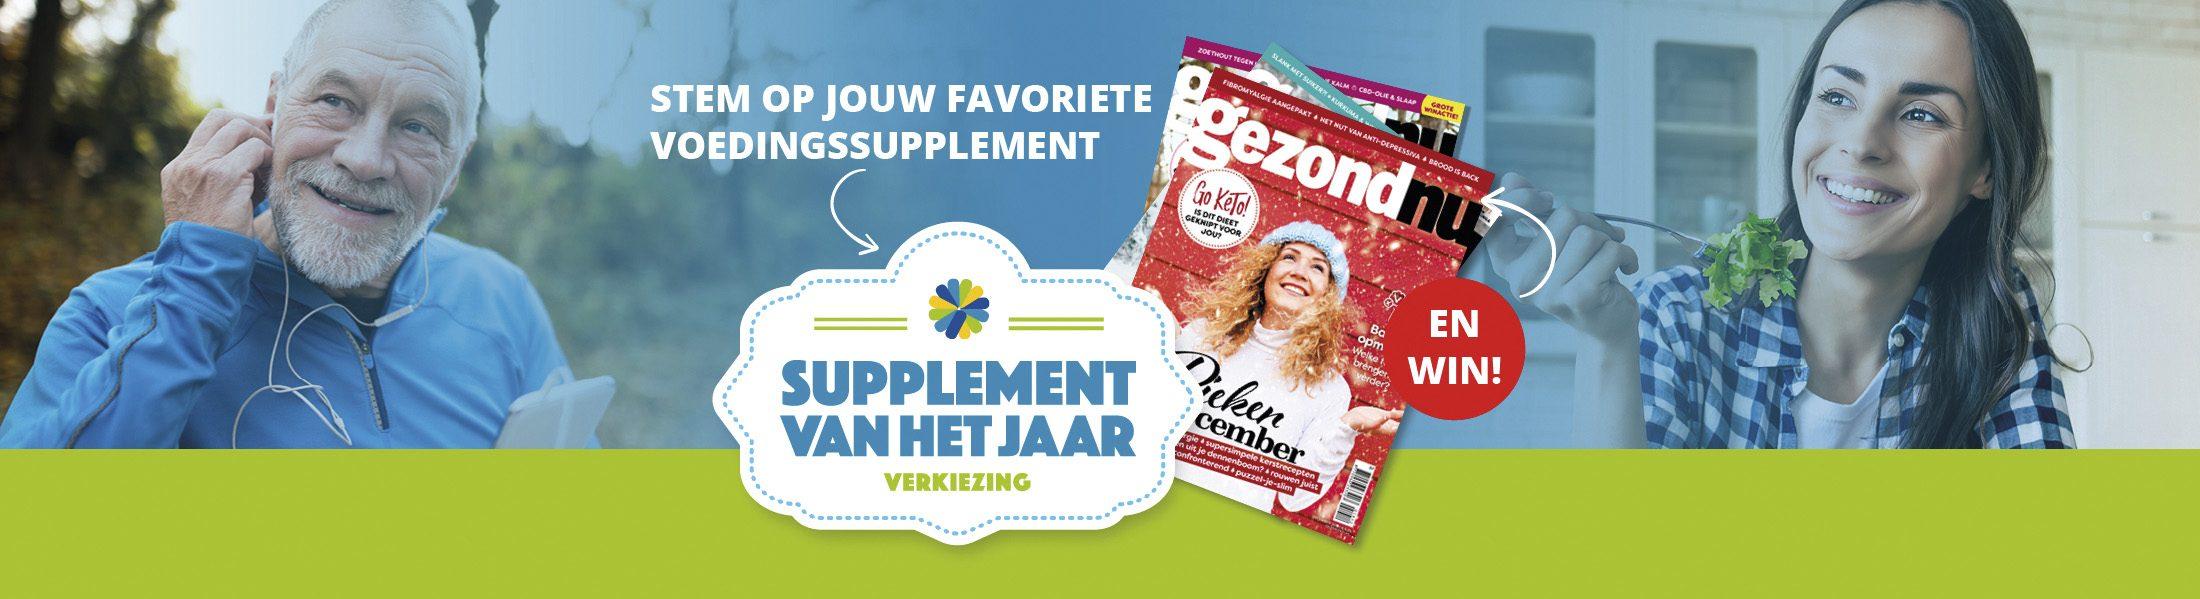 Supplement van het jaar 2020